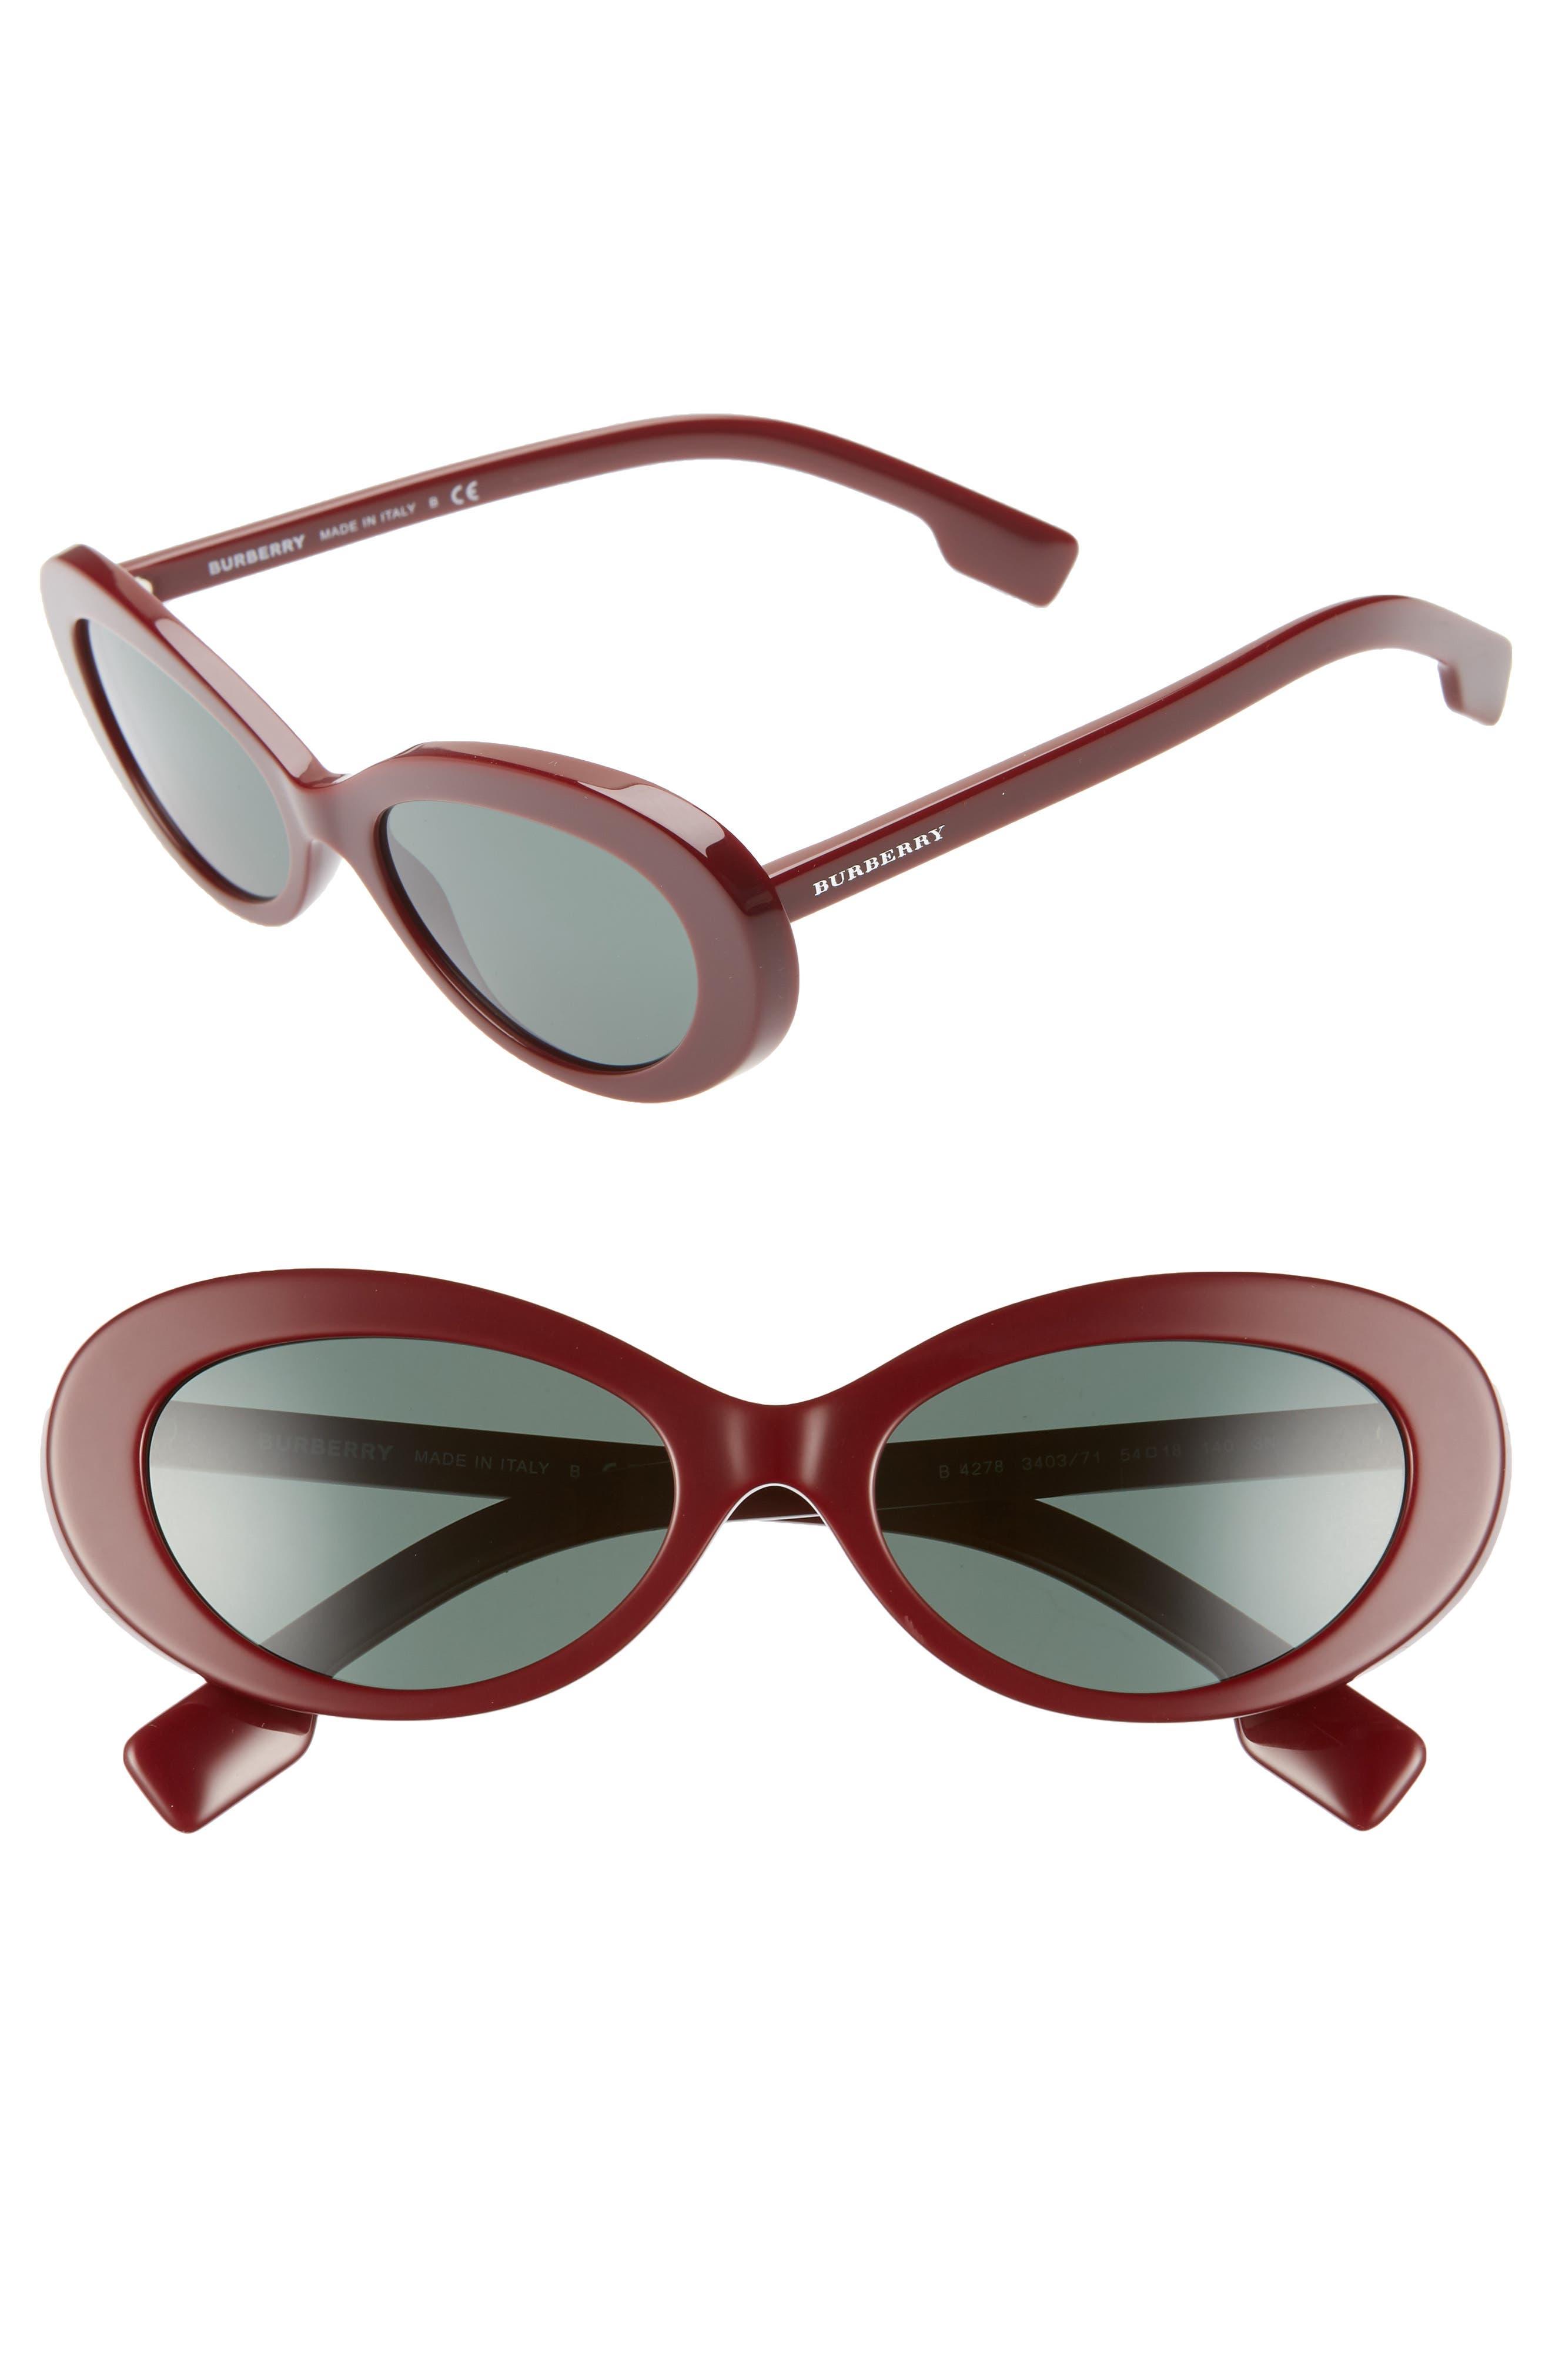 57e63552bb36 Burberry Sunglasses for Women